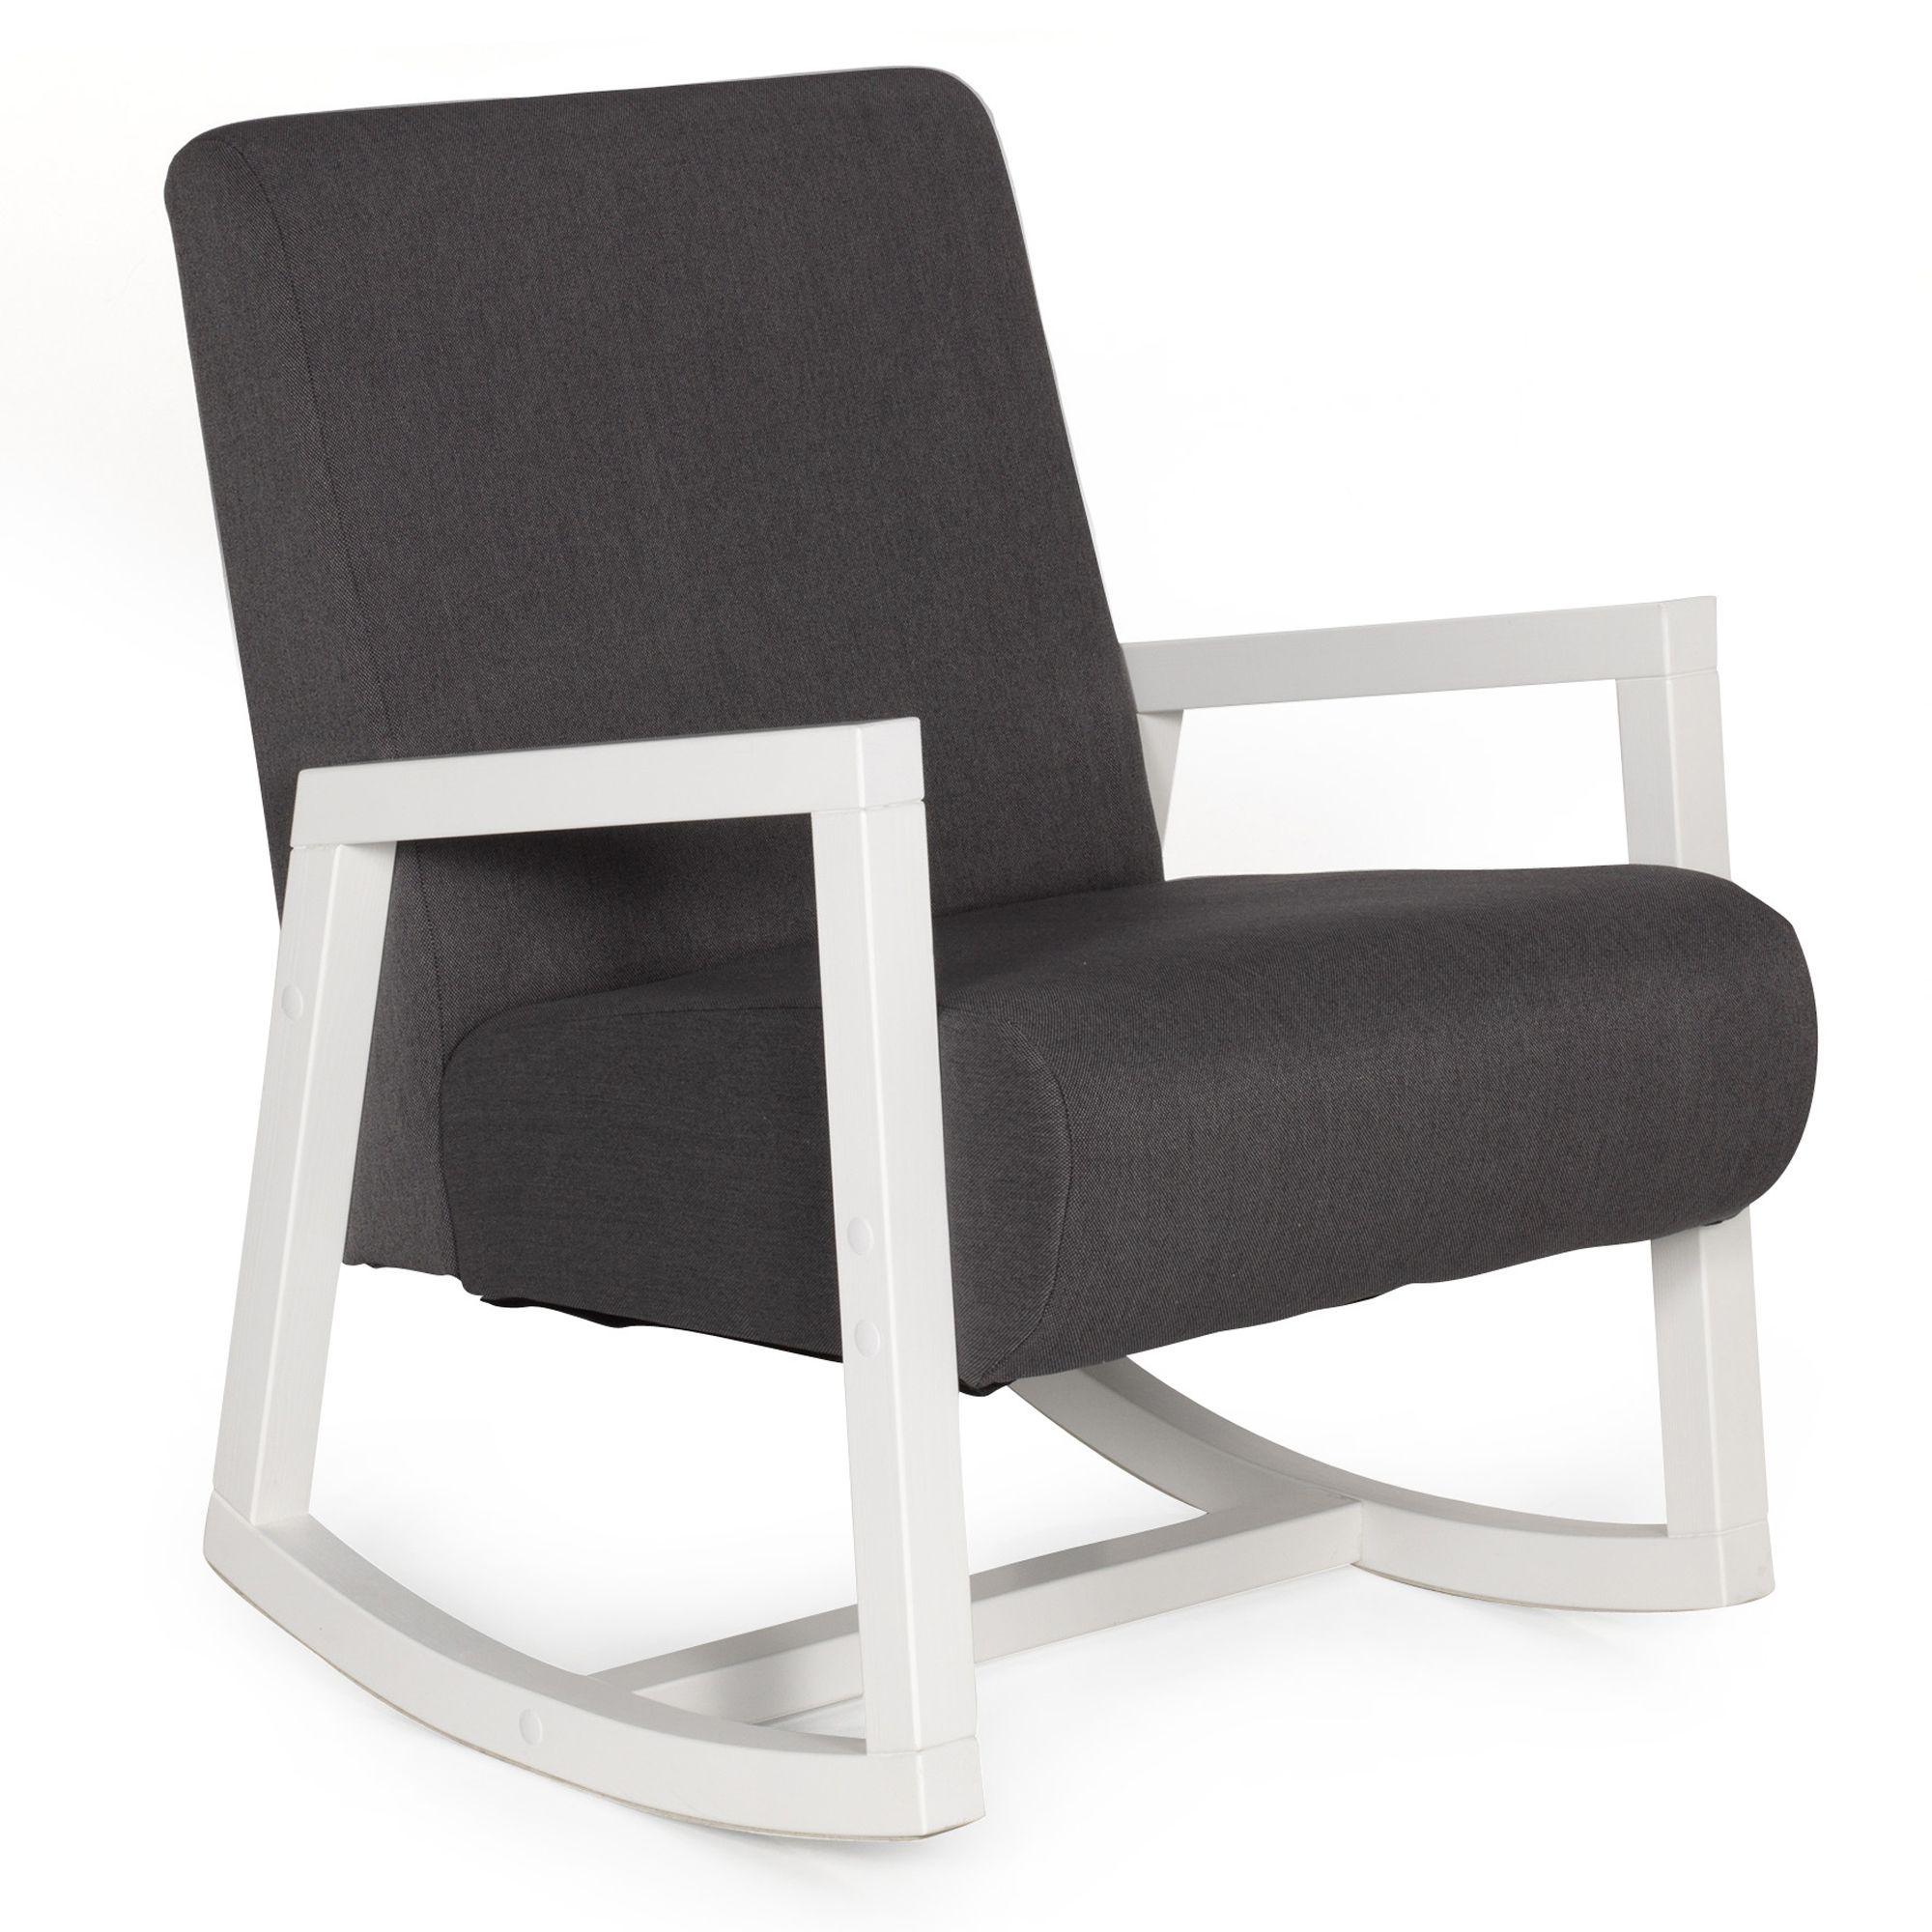 150 Fauteuil Rocking Chair Rocky Fauteuils Et Poufs Alinea  # Table Tv A Roulette Alinea